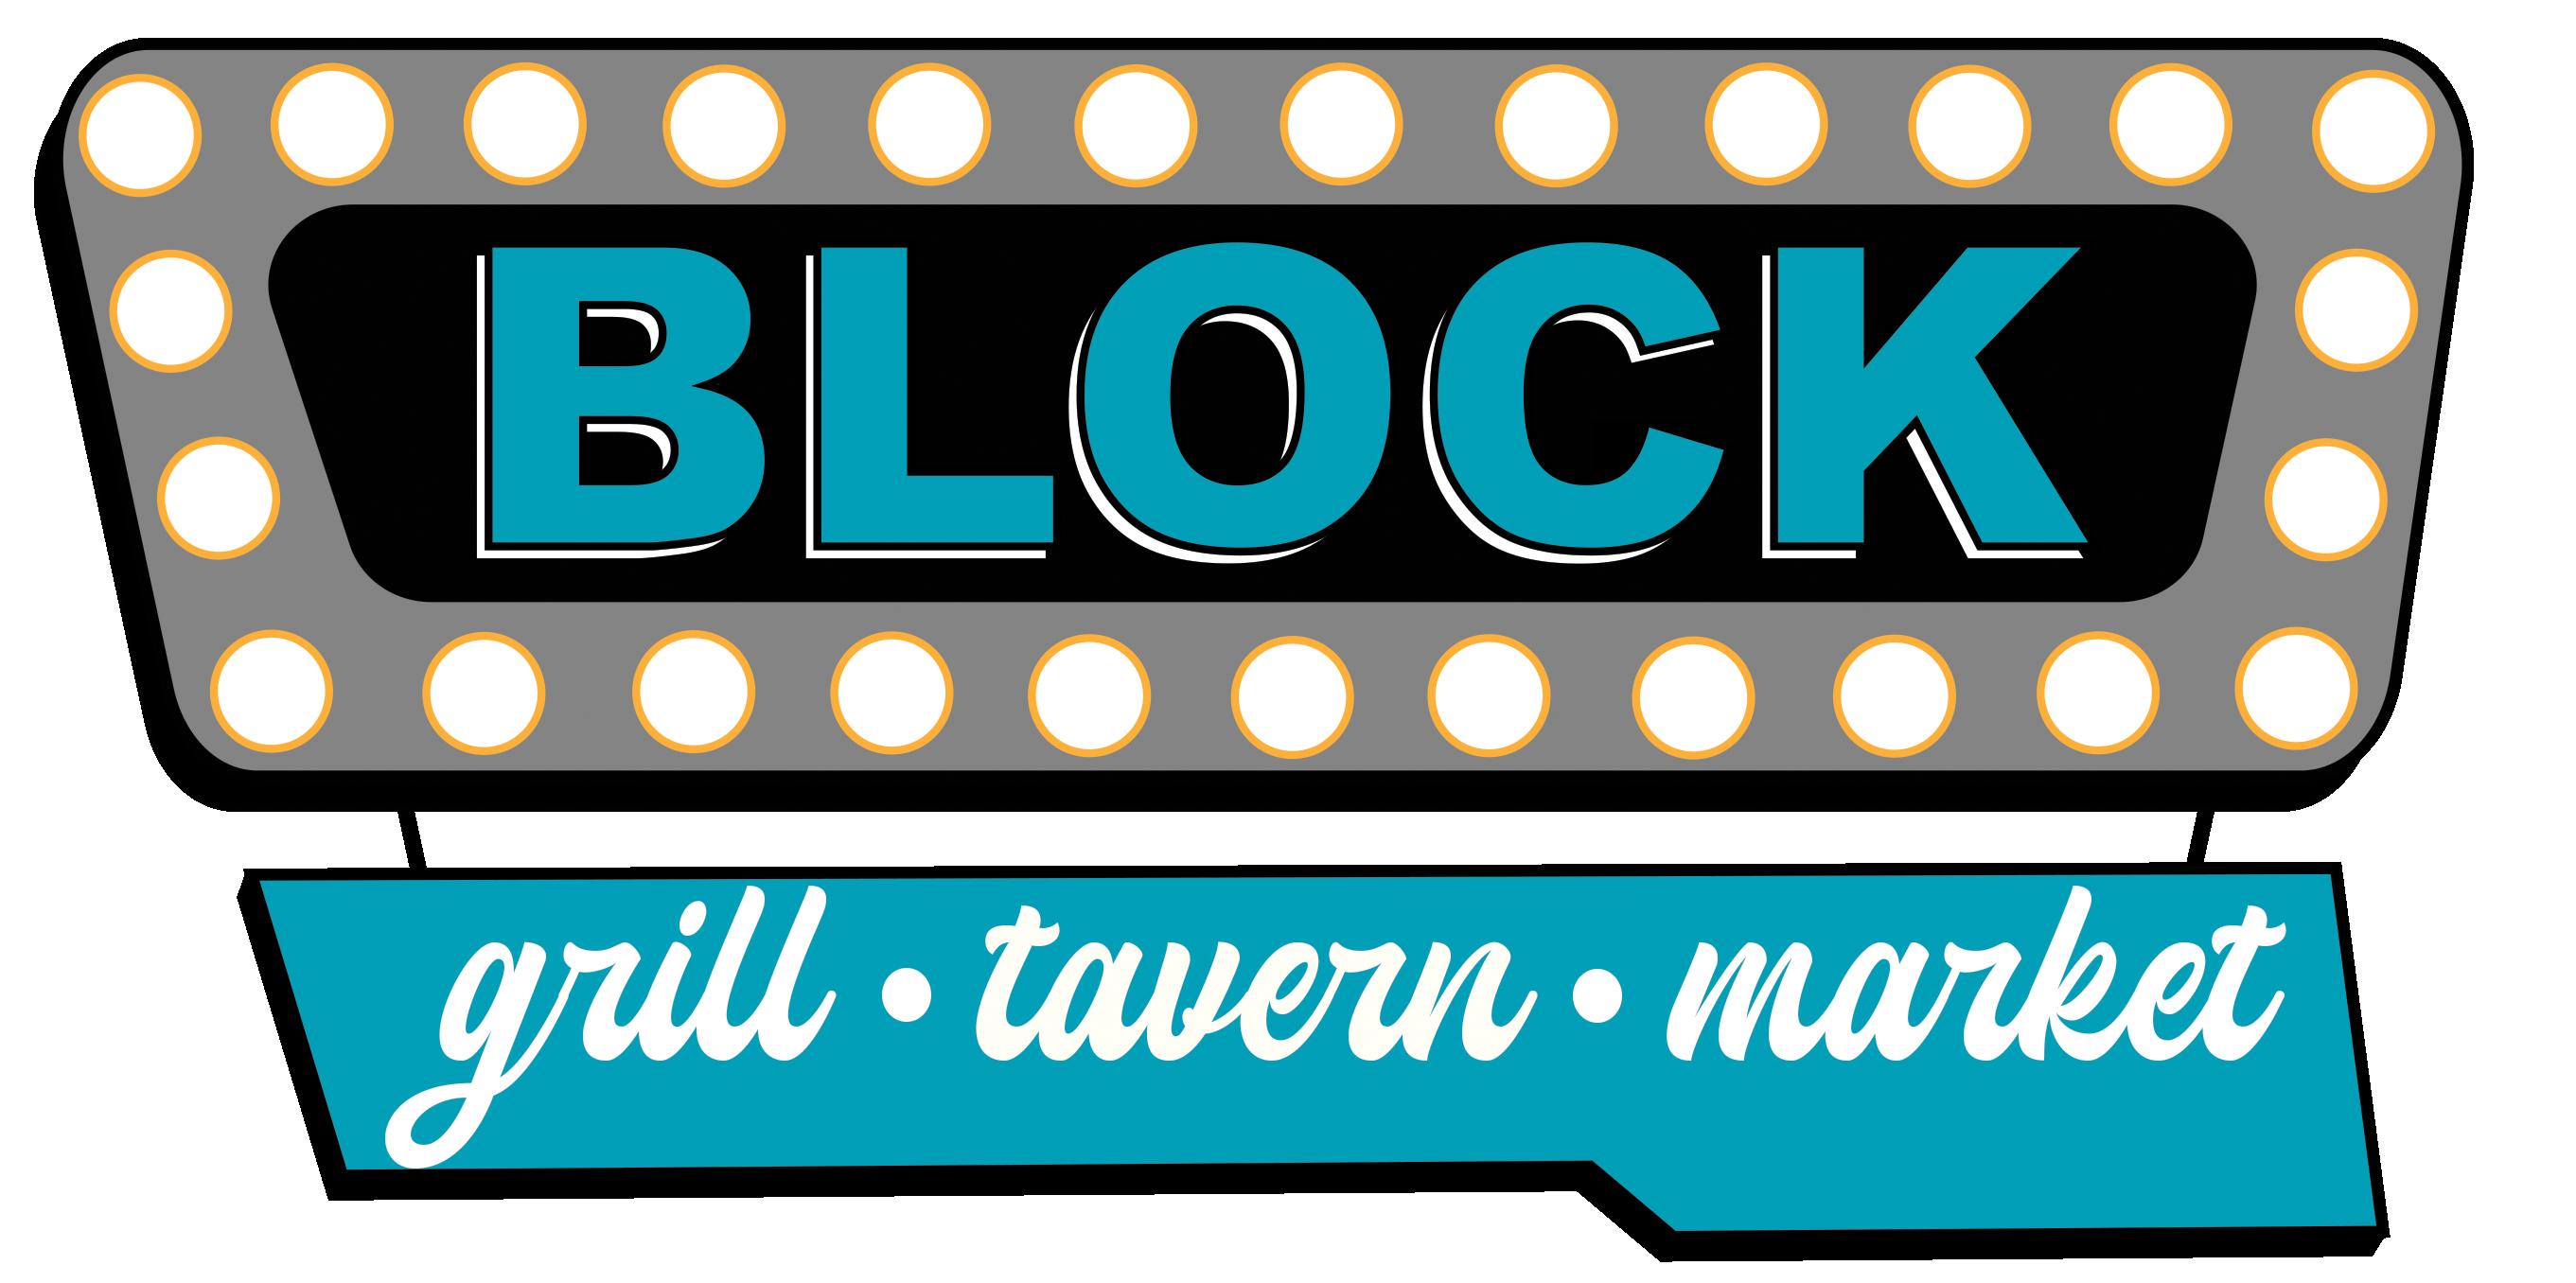 Block Grill Tavern & Market Logo North Platte Restaurant